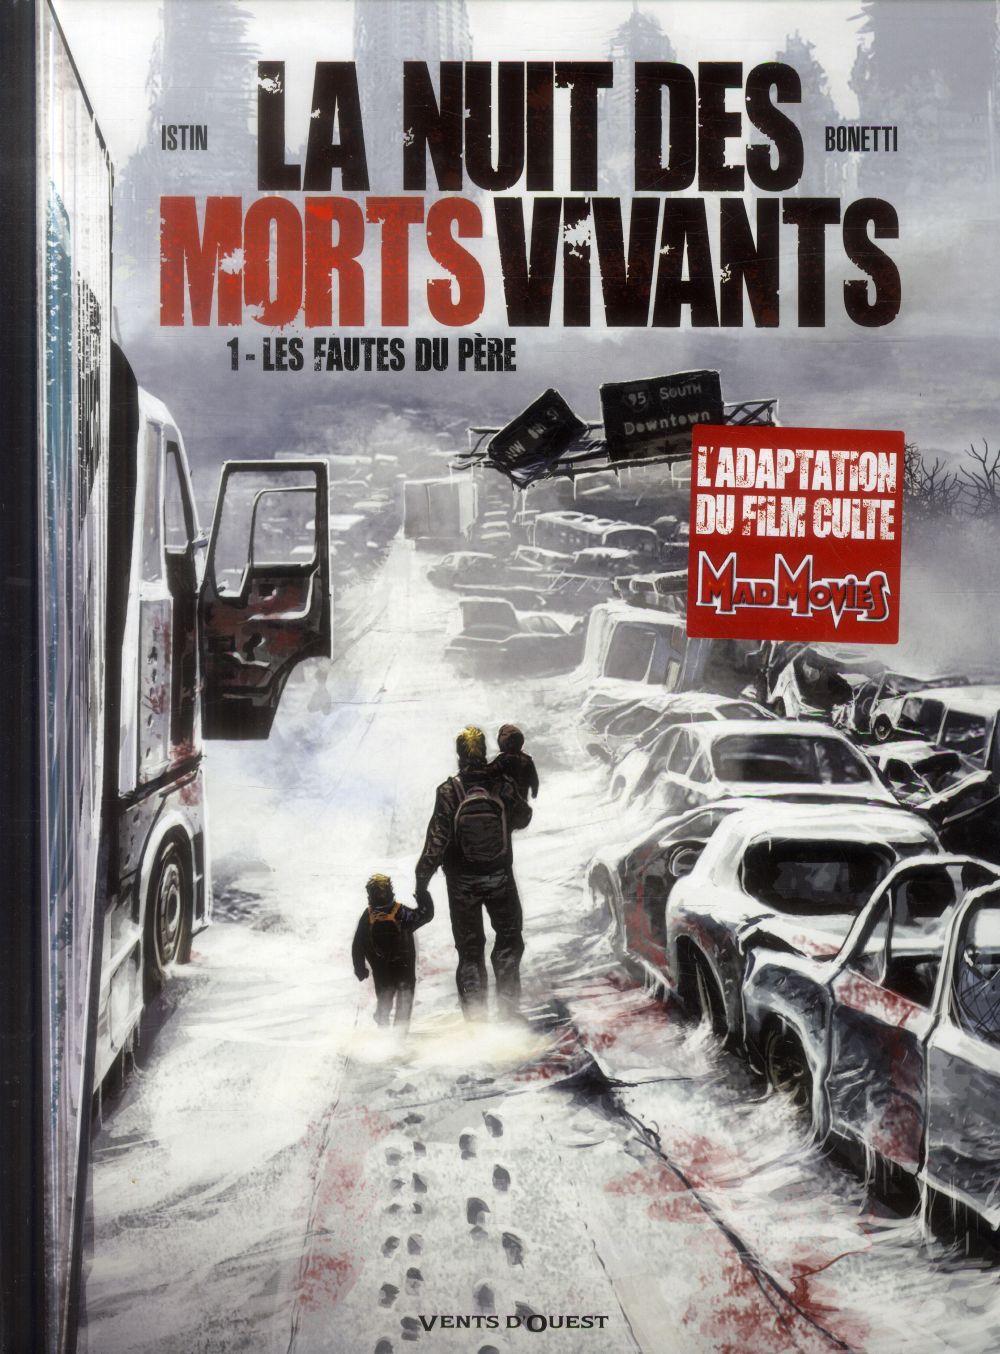 LA NUIT DES MORTS-VIVANTS - TOME 01 - LES FAUTES DU PERE